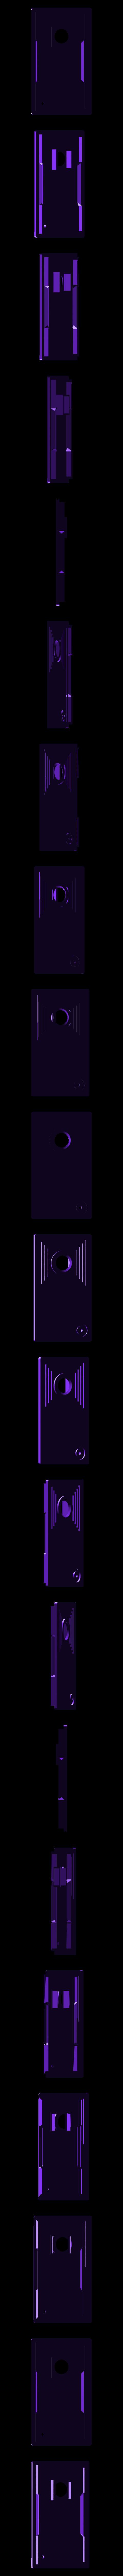 mp3-lid.stl Télécharger fichier STL gratuit Plume MP3 - Gordon Cole • Objet pour impression 3D, Adafruit